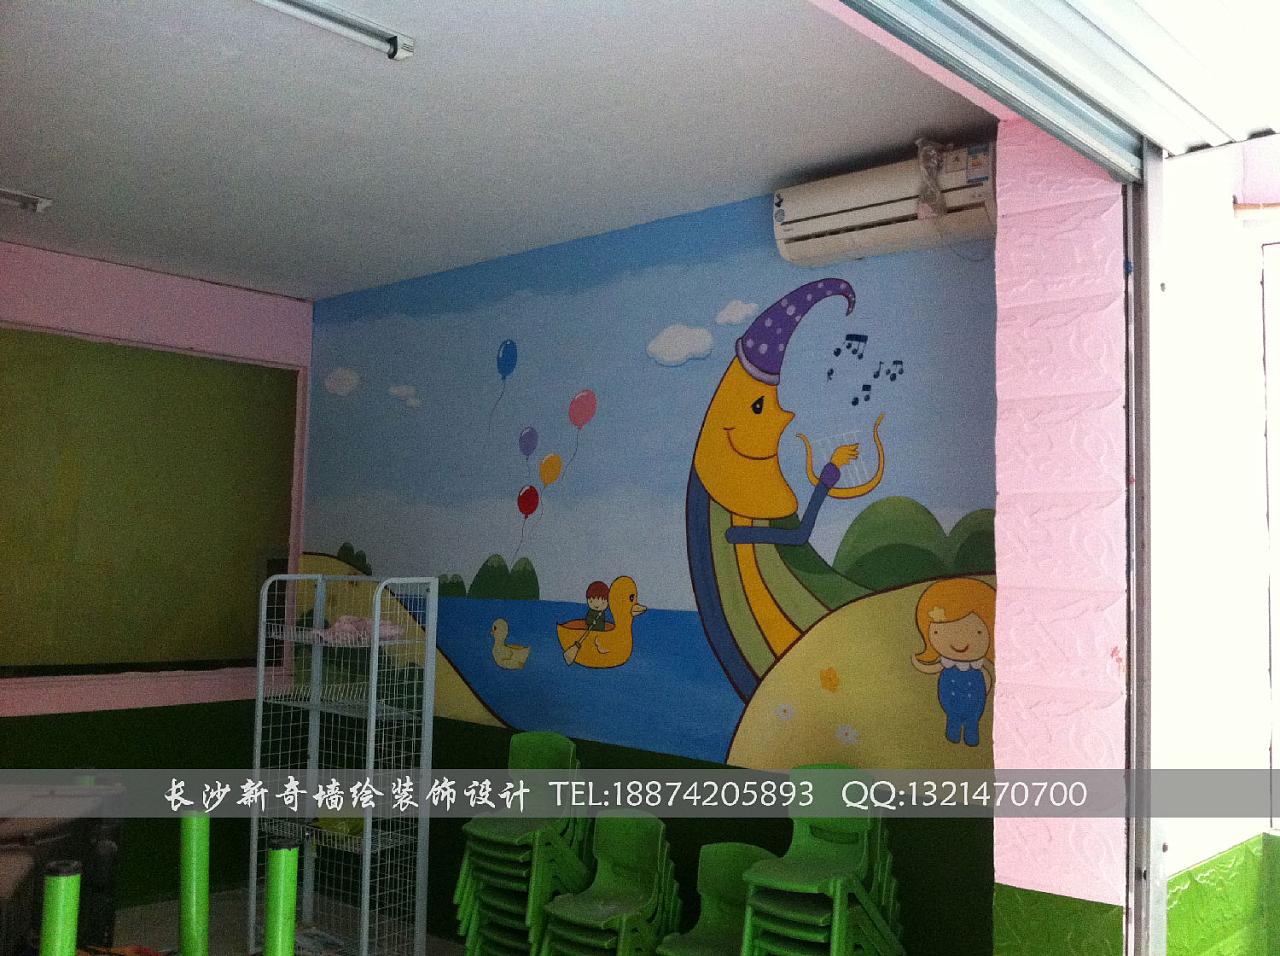 长沙新奇墙绘,长沙墙绘,长沙壁画,长沙手绘墙,长沙幼儿园墙绘,壁画